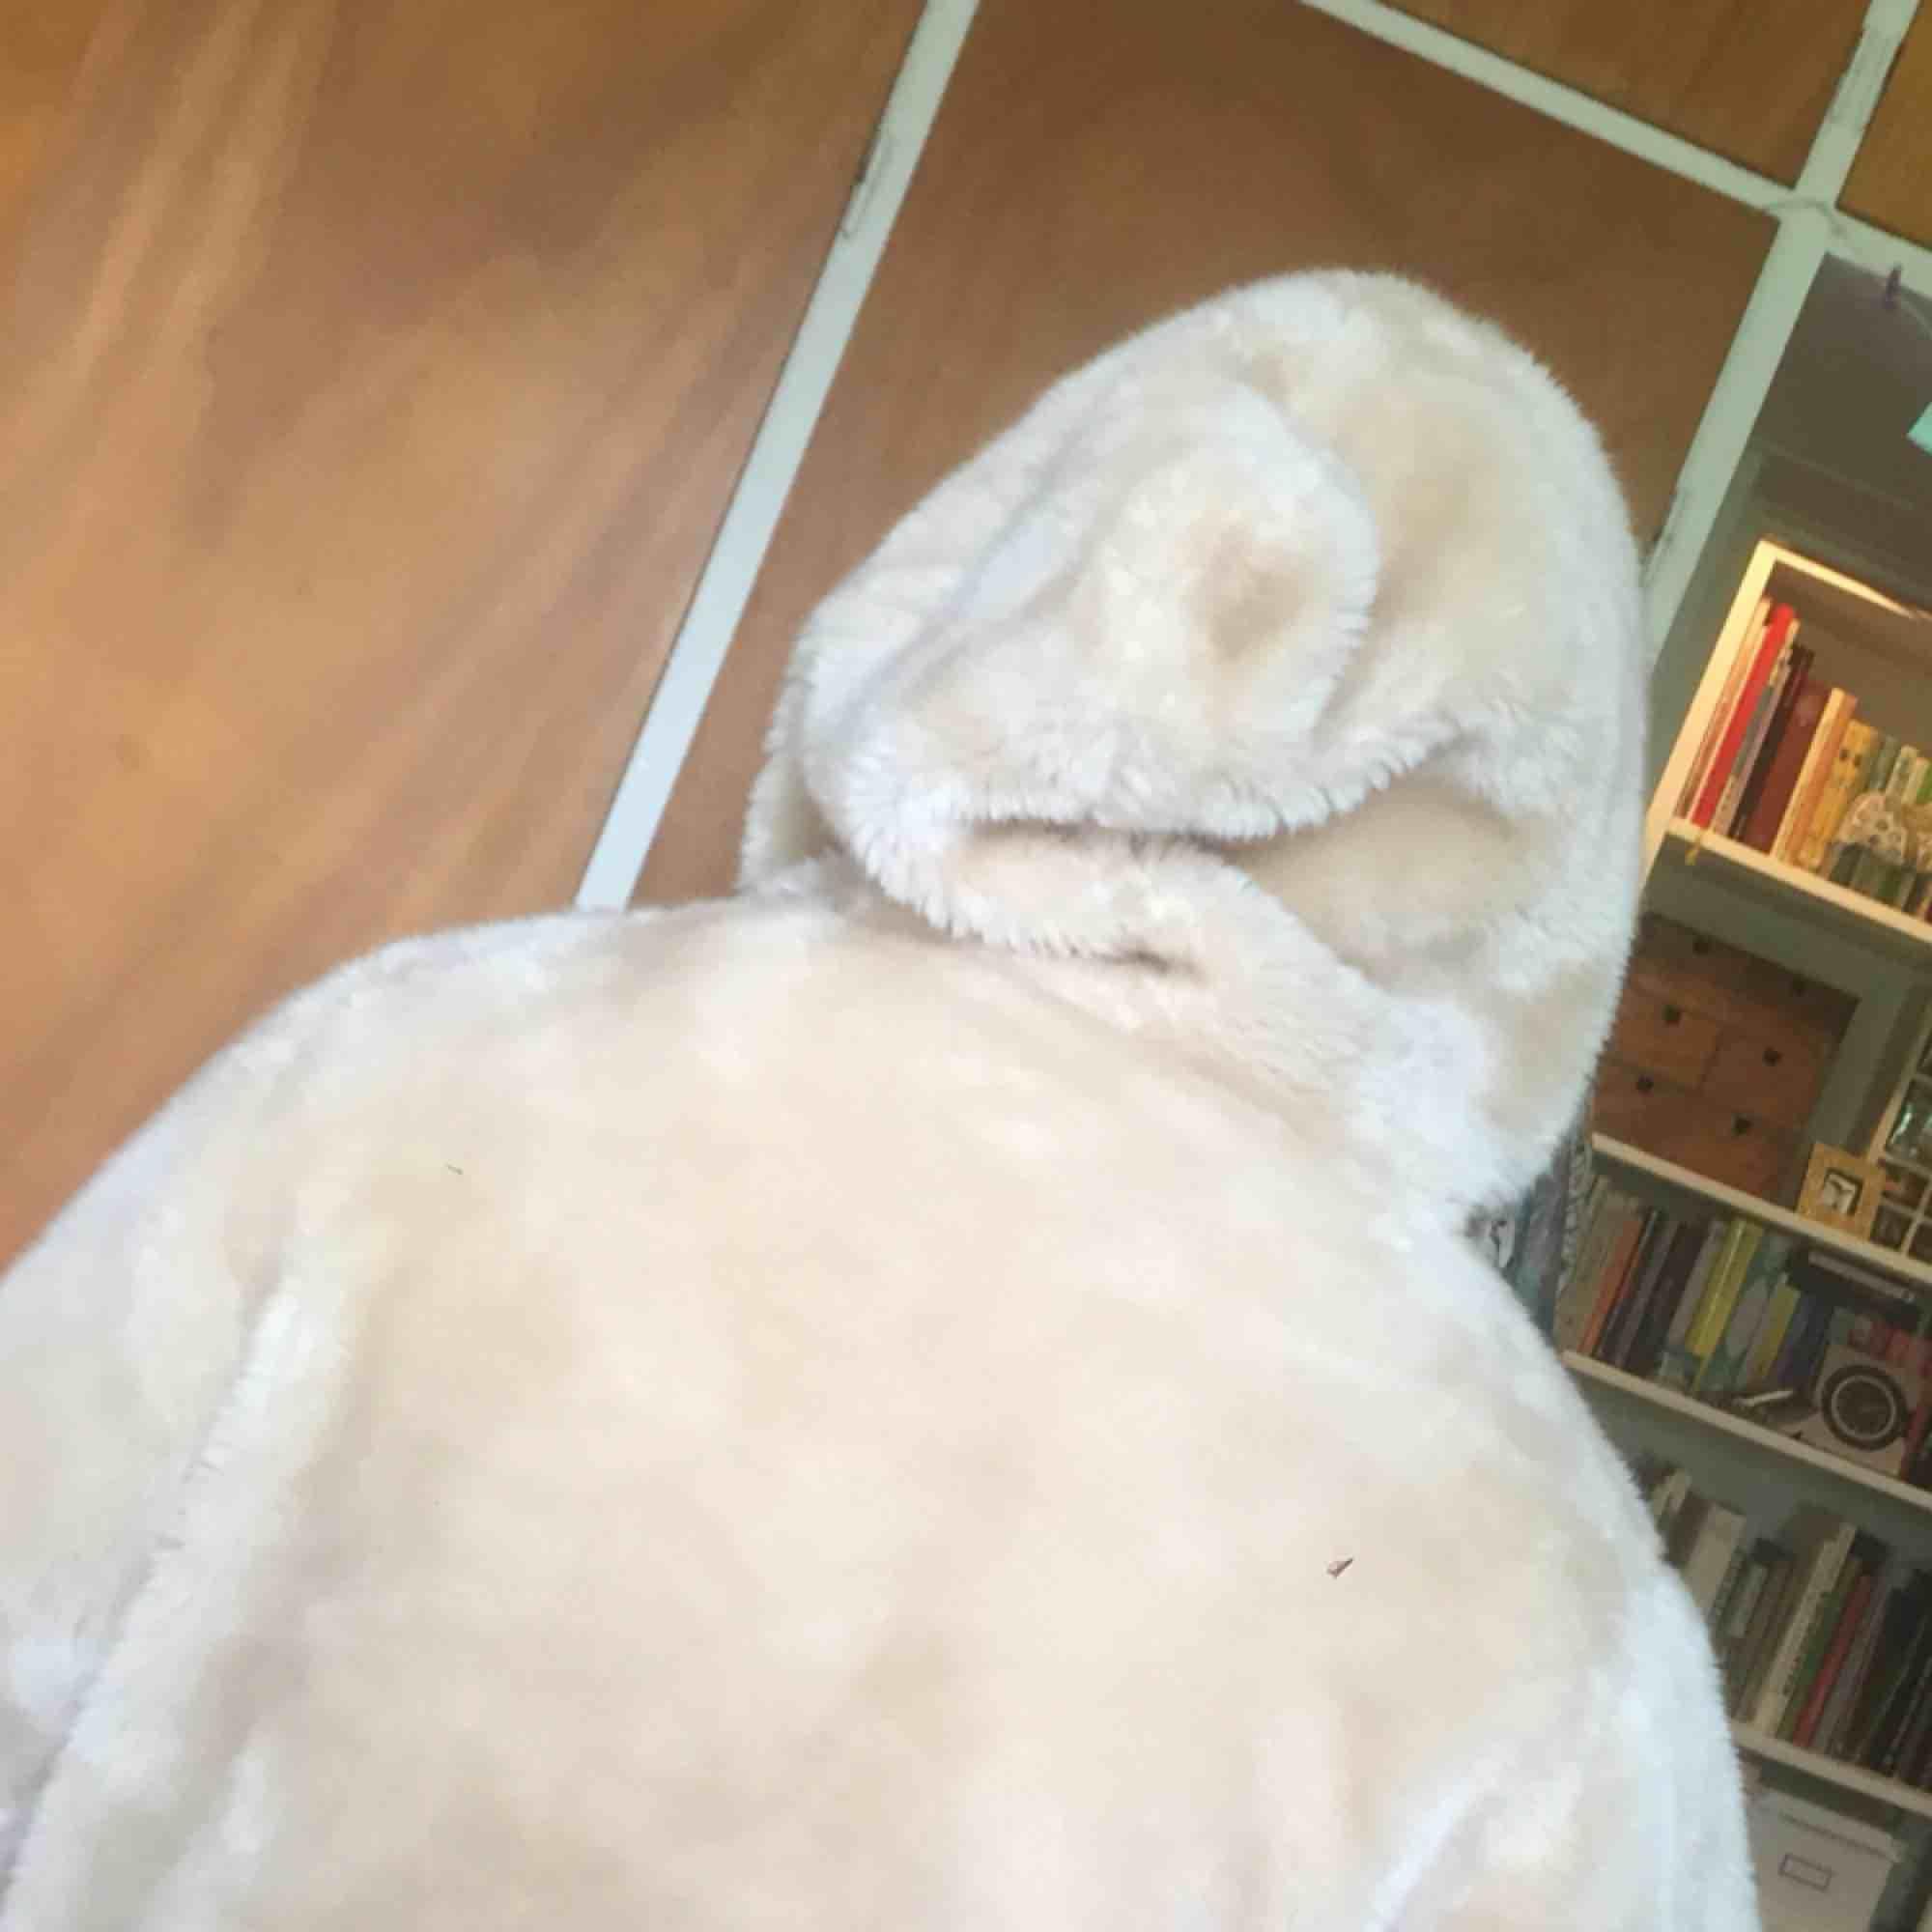 En vår/höst/vinterjacka köpt på humana i fakefur! Går att lagra så att den håller värme och är praktisk. Eller bara använda som statementpiece! Har två fickor och en gosig och skön huva . Jackor.